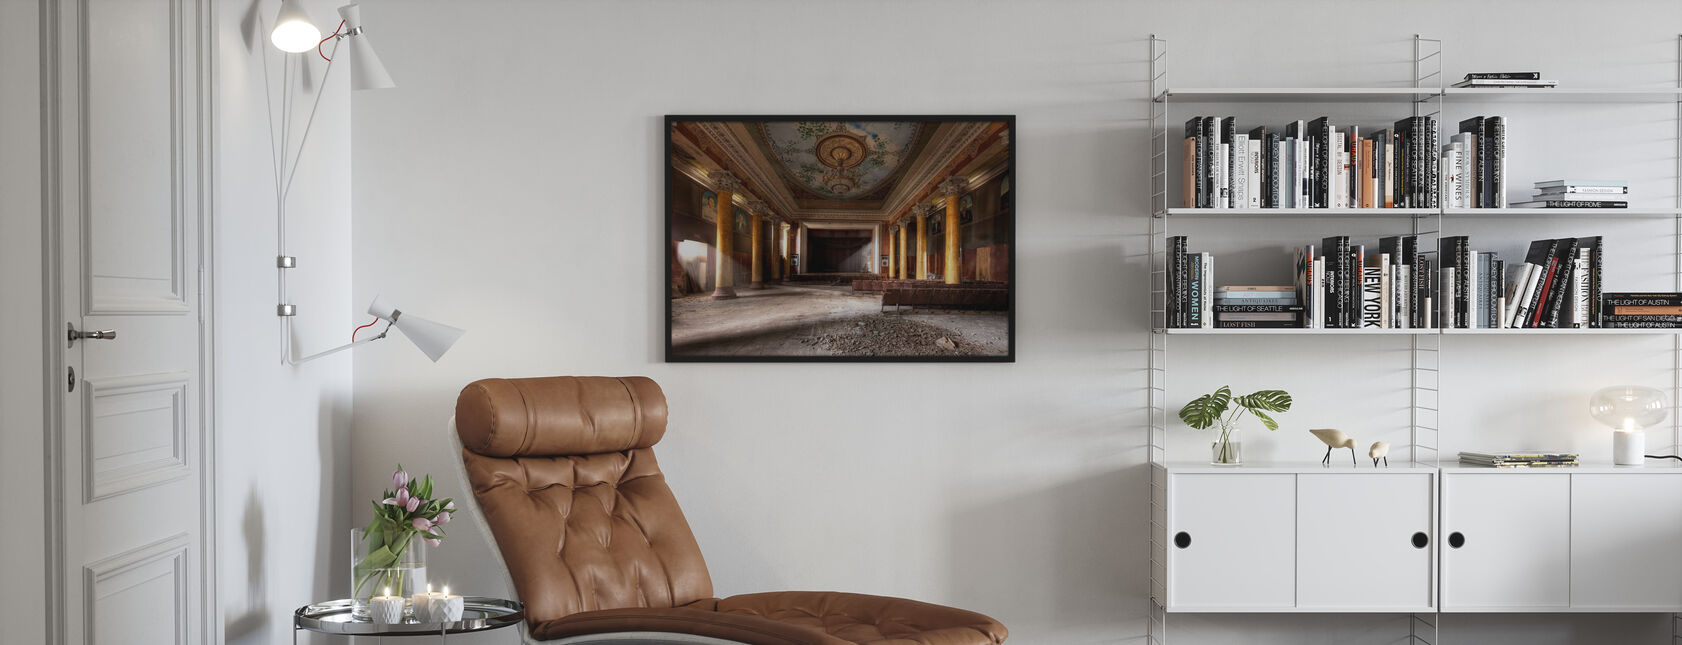 Ehemalige Herrlichkeit - Poster - Wohnzimmer